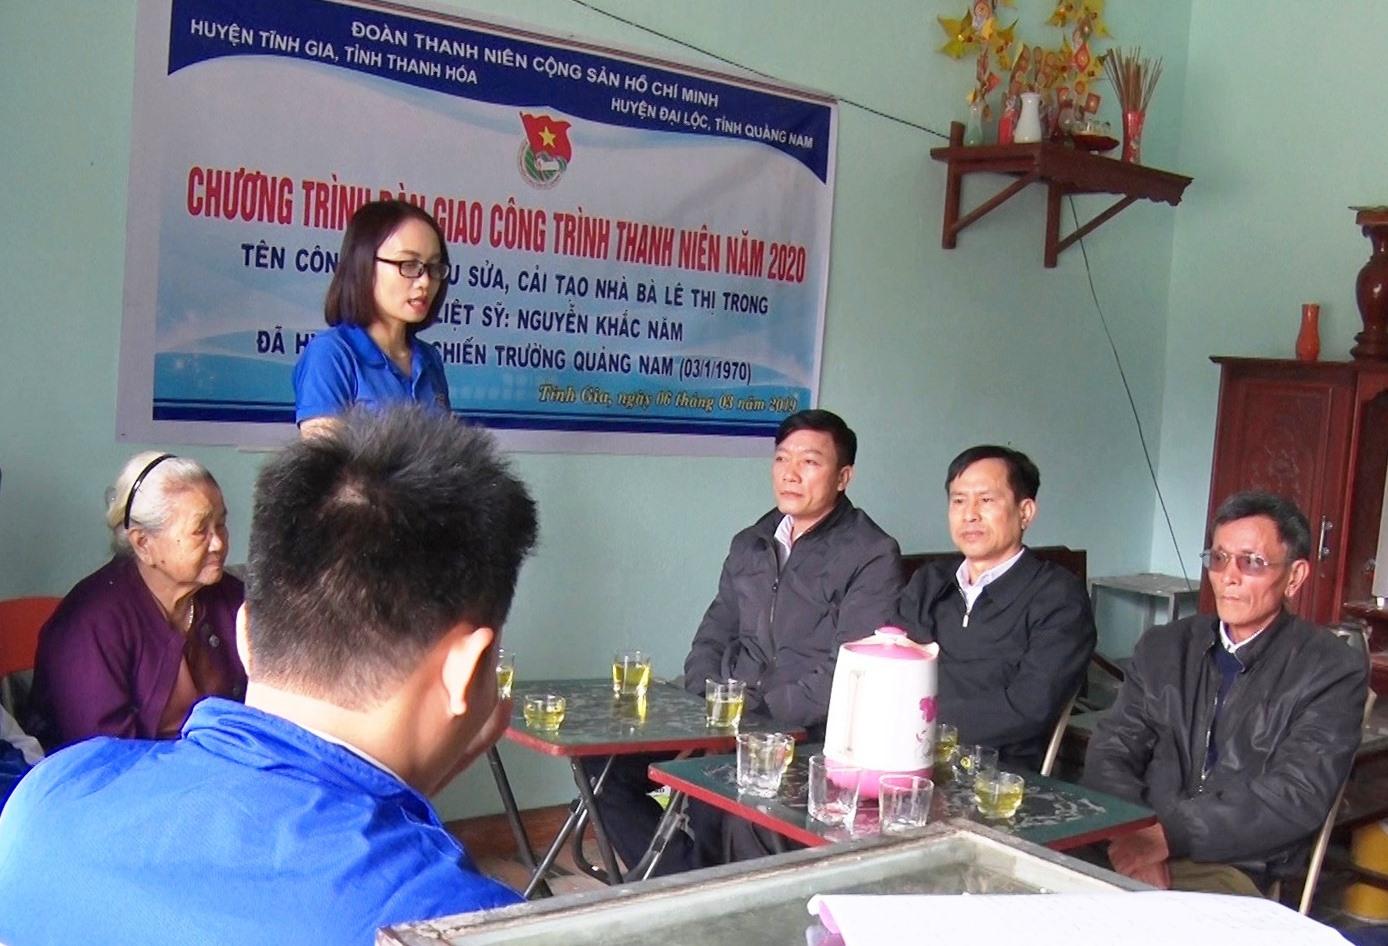 tổ chức bàn giao công trình thanh niên: Tu sửa nhà cho bà Lê Thị Trong